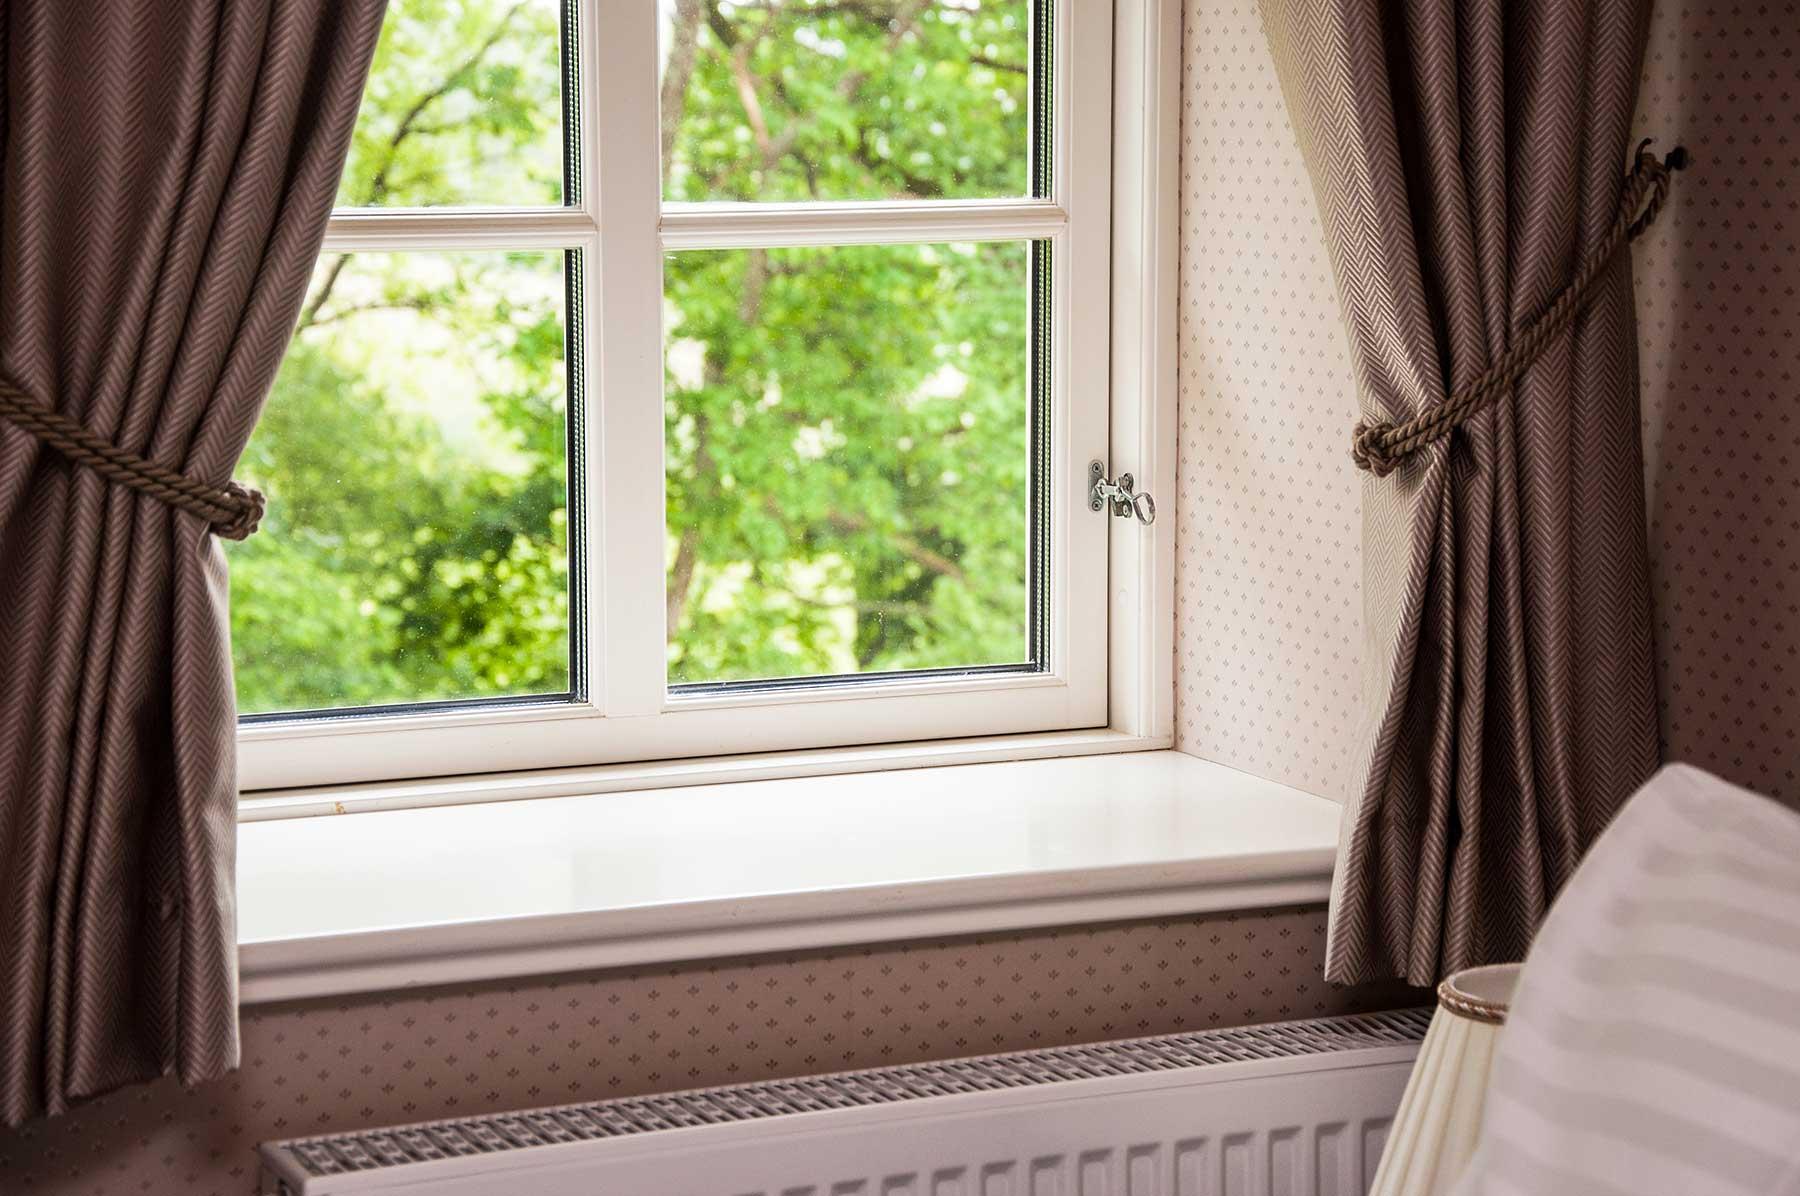 Dise o y modelos de ventanas de aluminio sevialup for Imagenes de ventanas de aluminio modernas